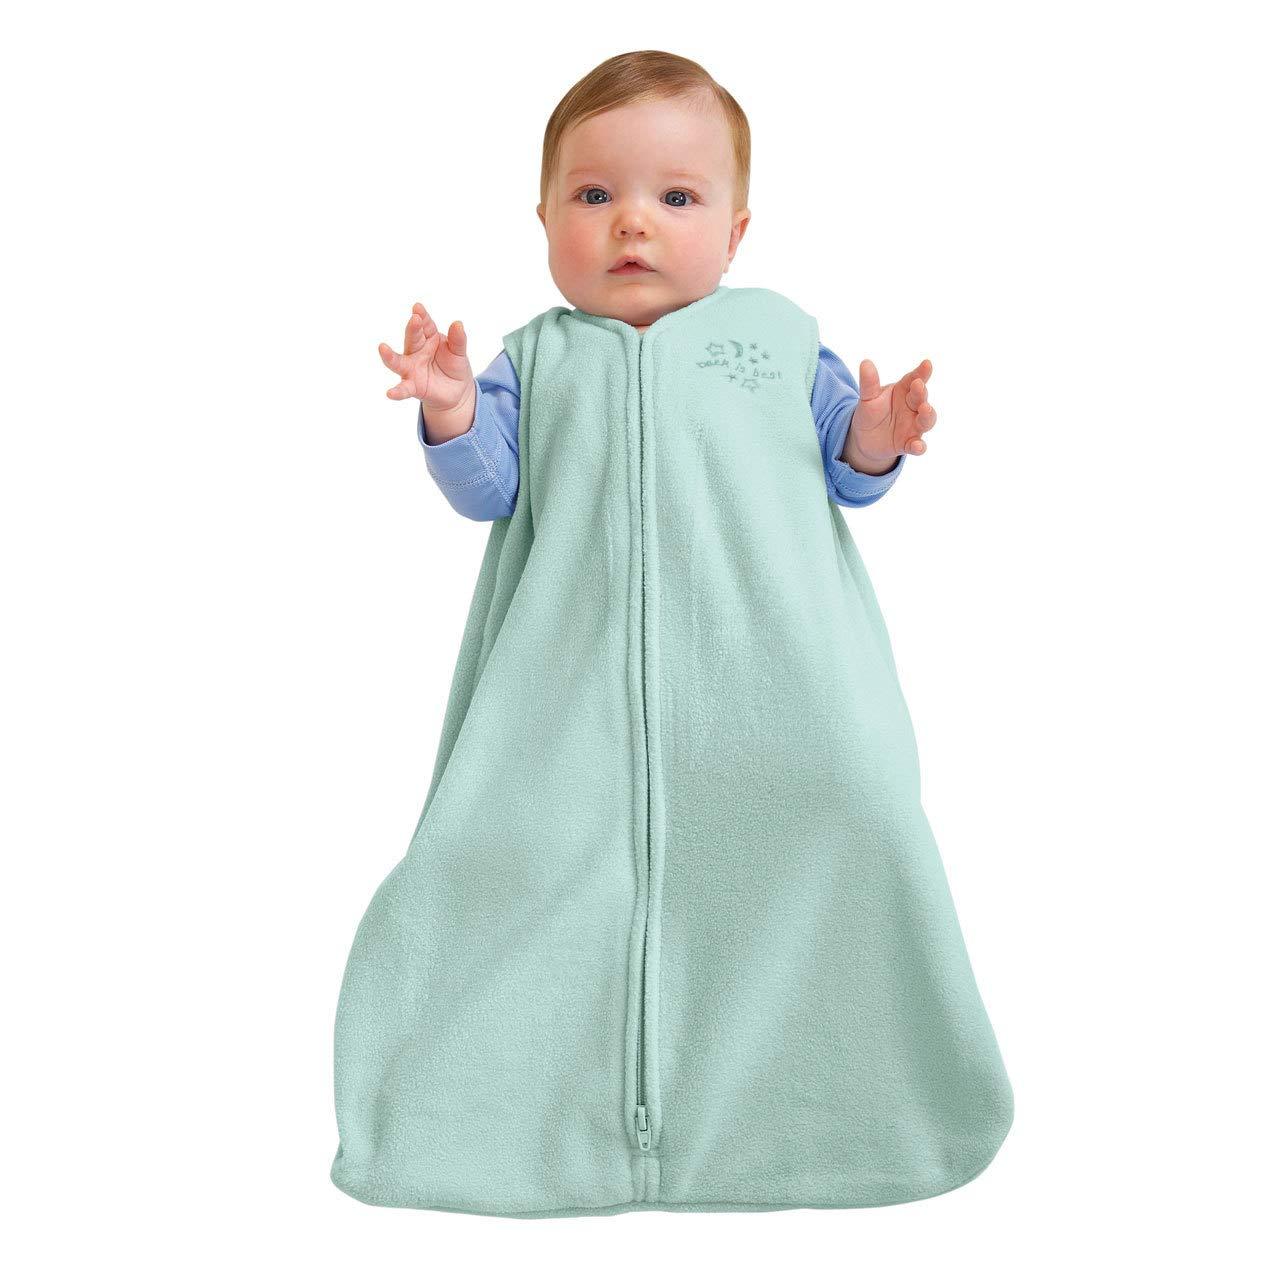 Elephant Texture Gray Large SleepSack Wearable Blanket Micro-fleece Halo